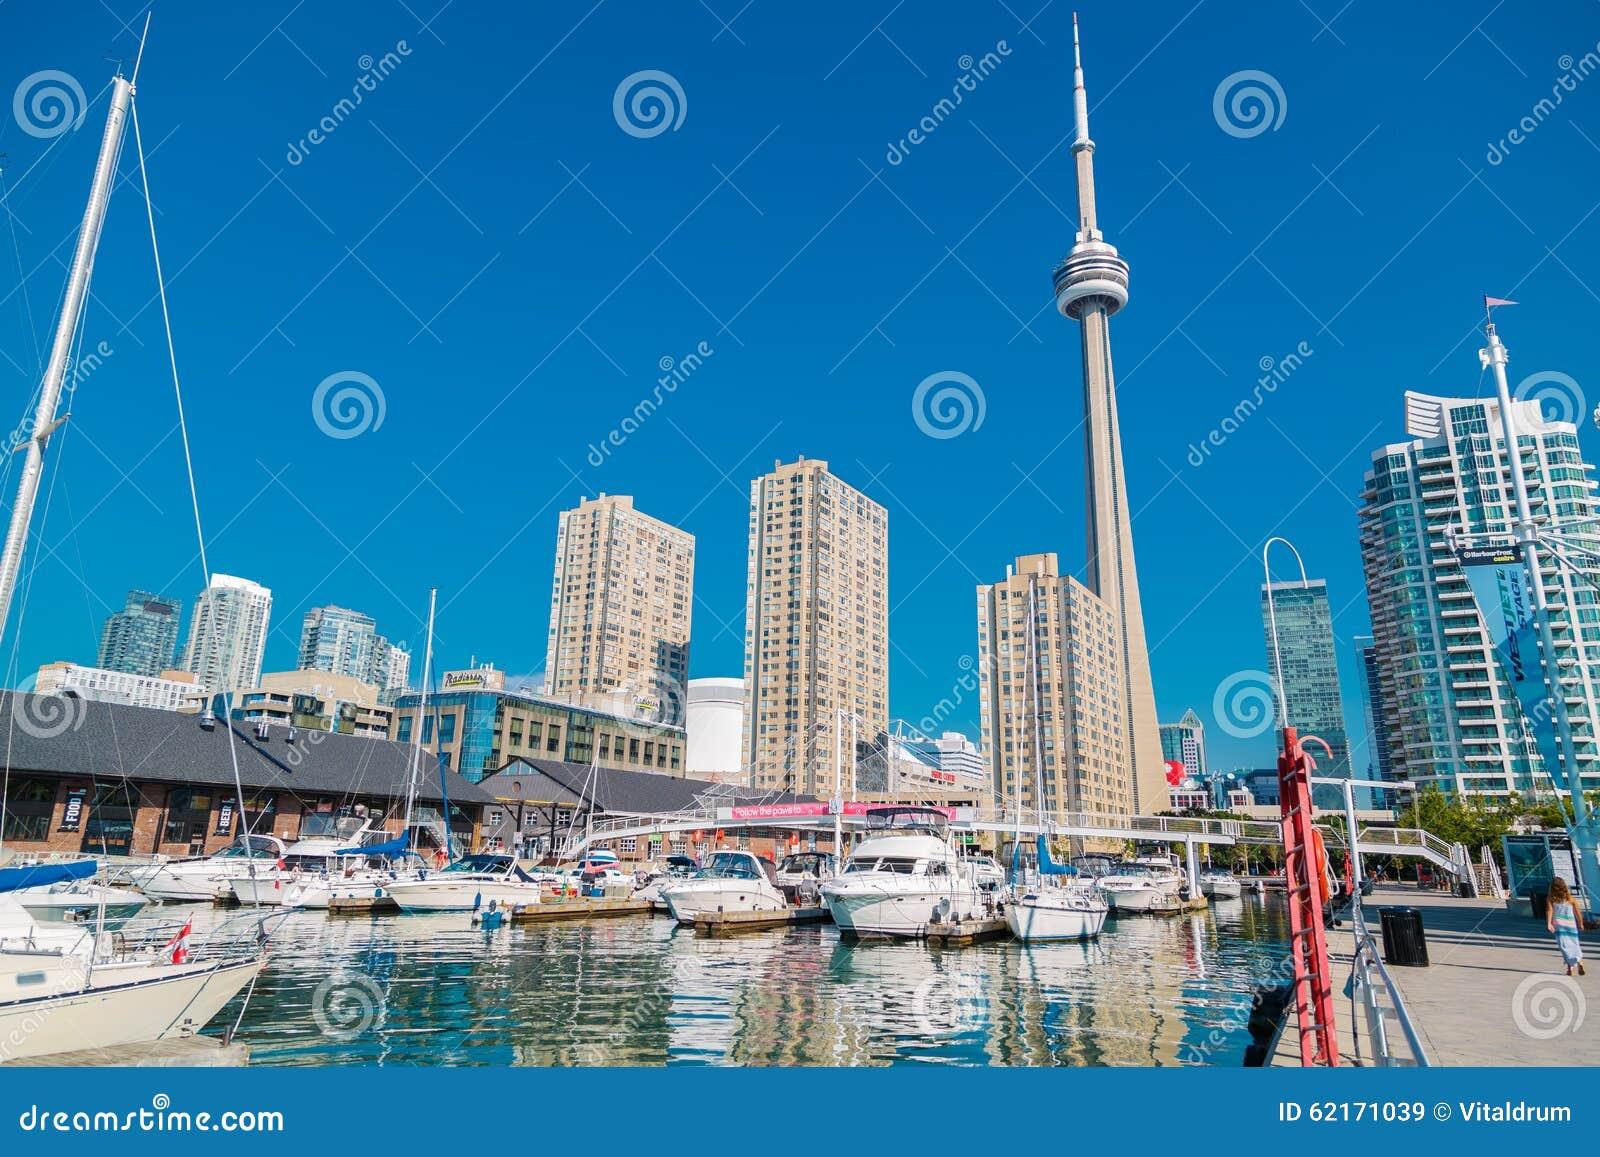 Красивый взгляд ландшафта городского портового района Торонто с яхтами припарковал на воде